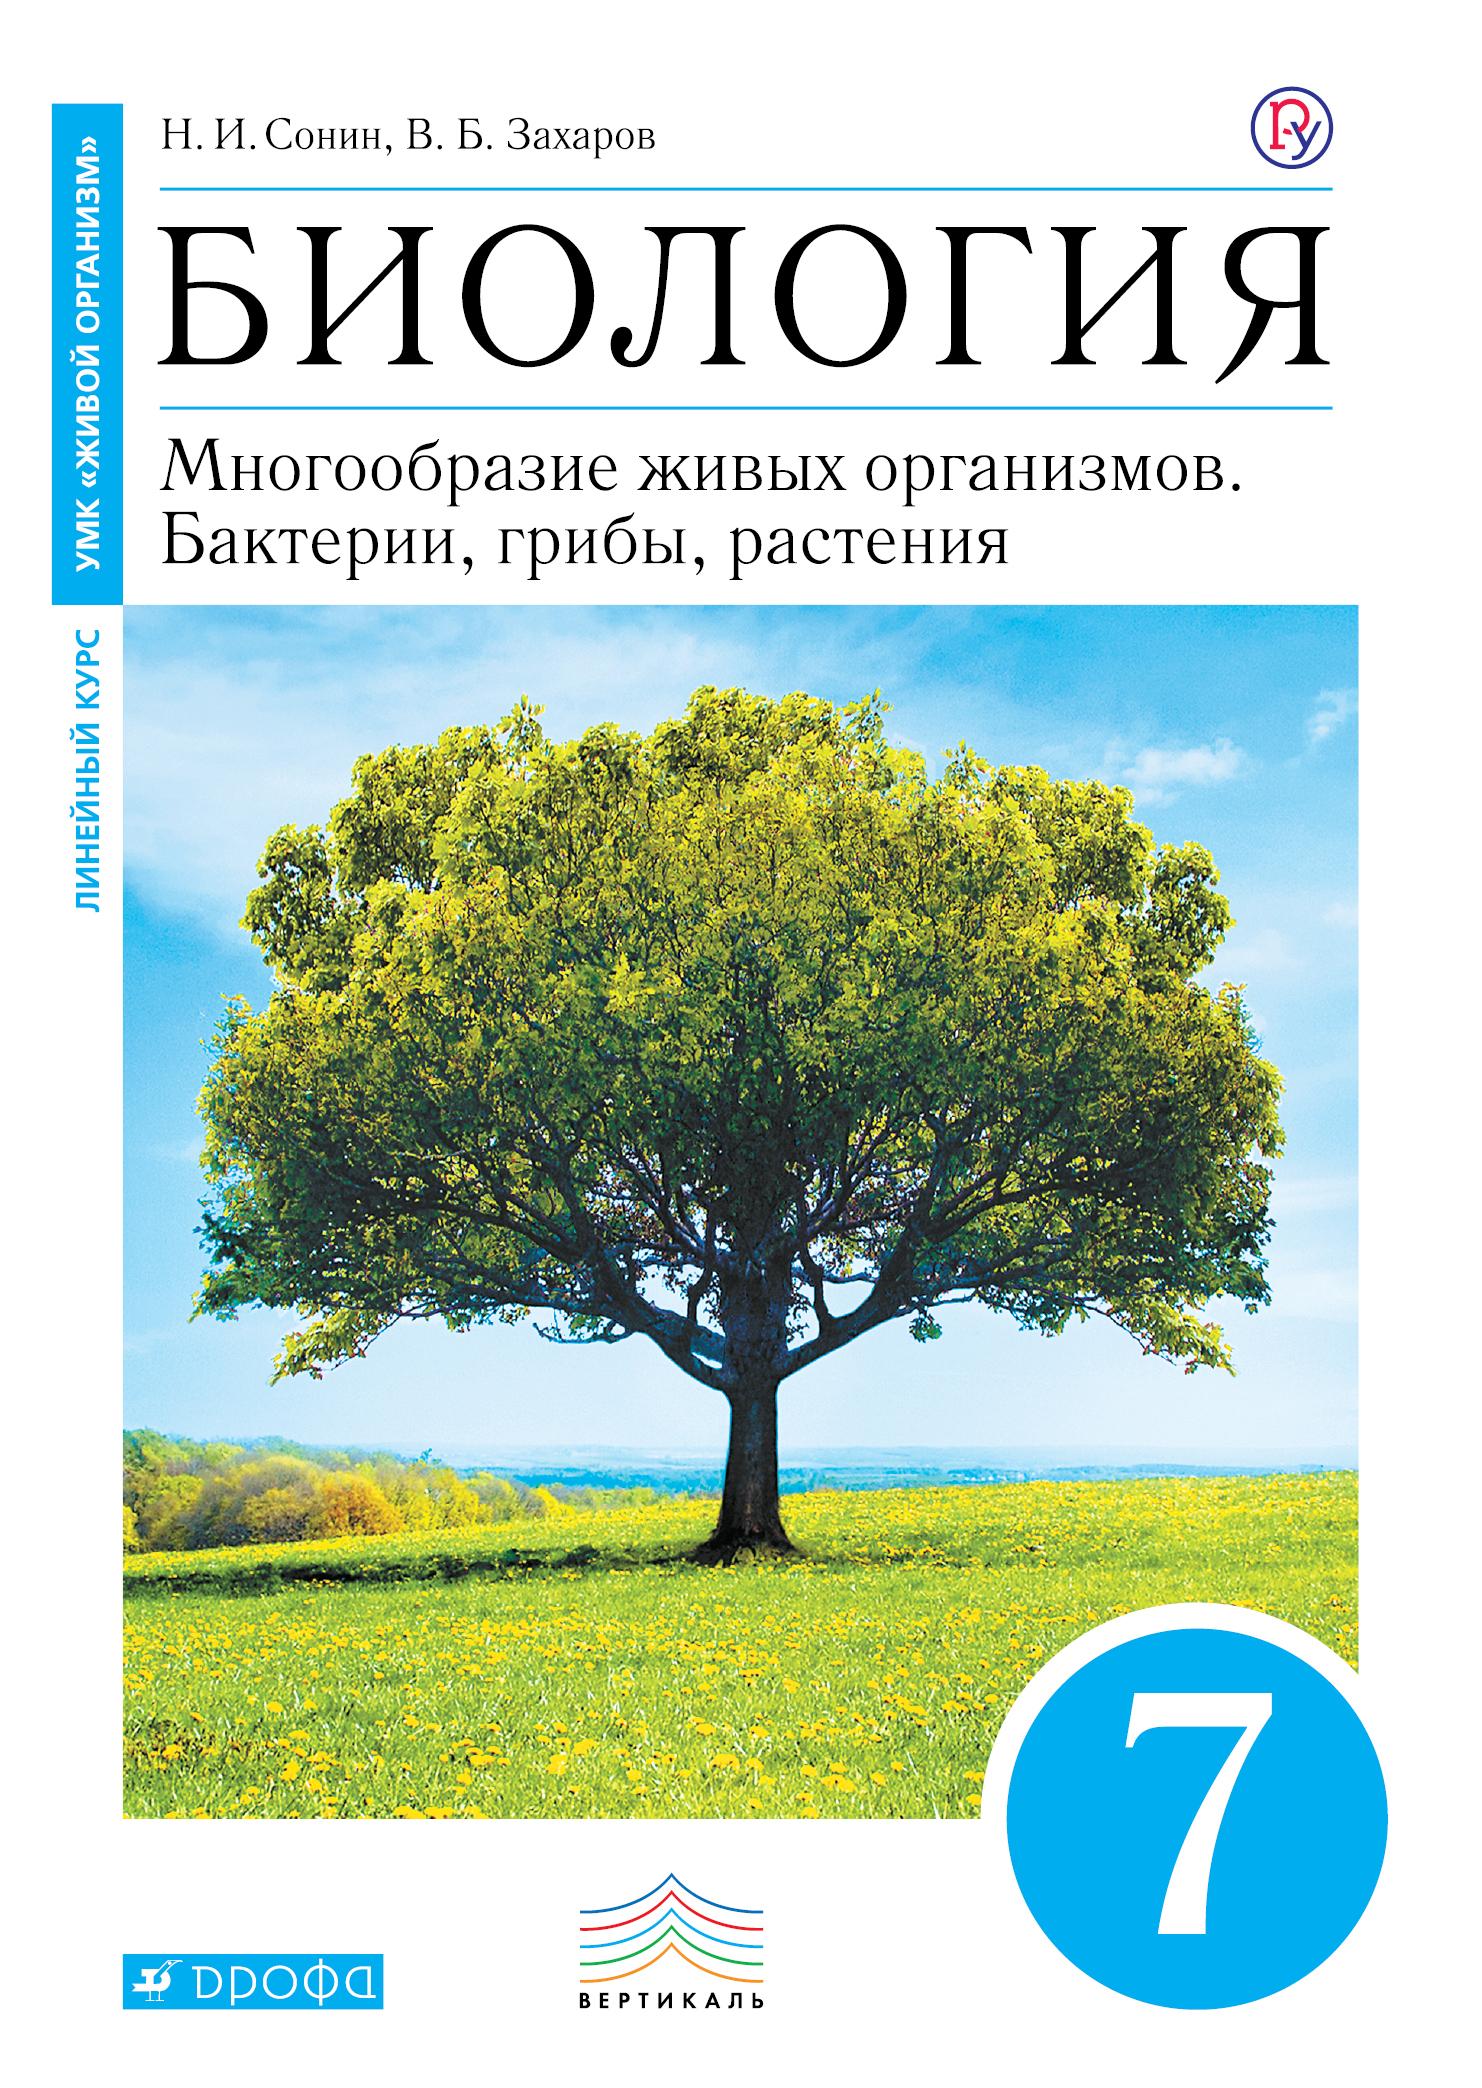 Биология. Бактерии, грибы, растения. 7 класс. Учебник